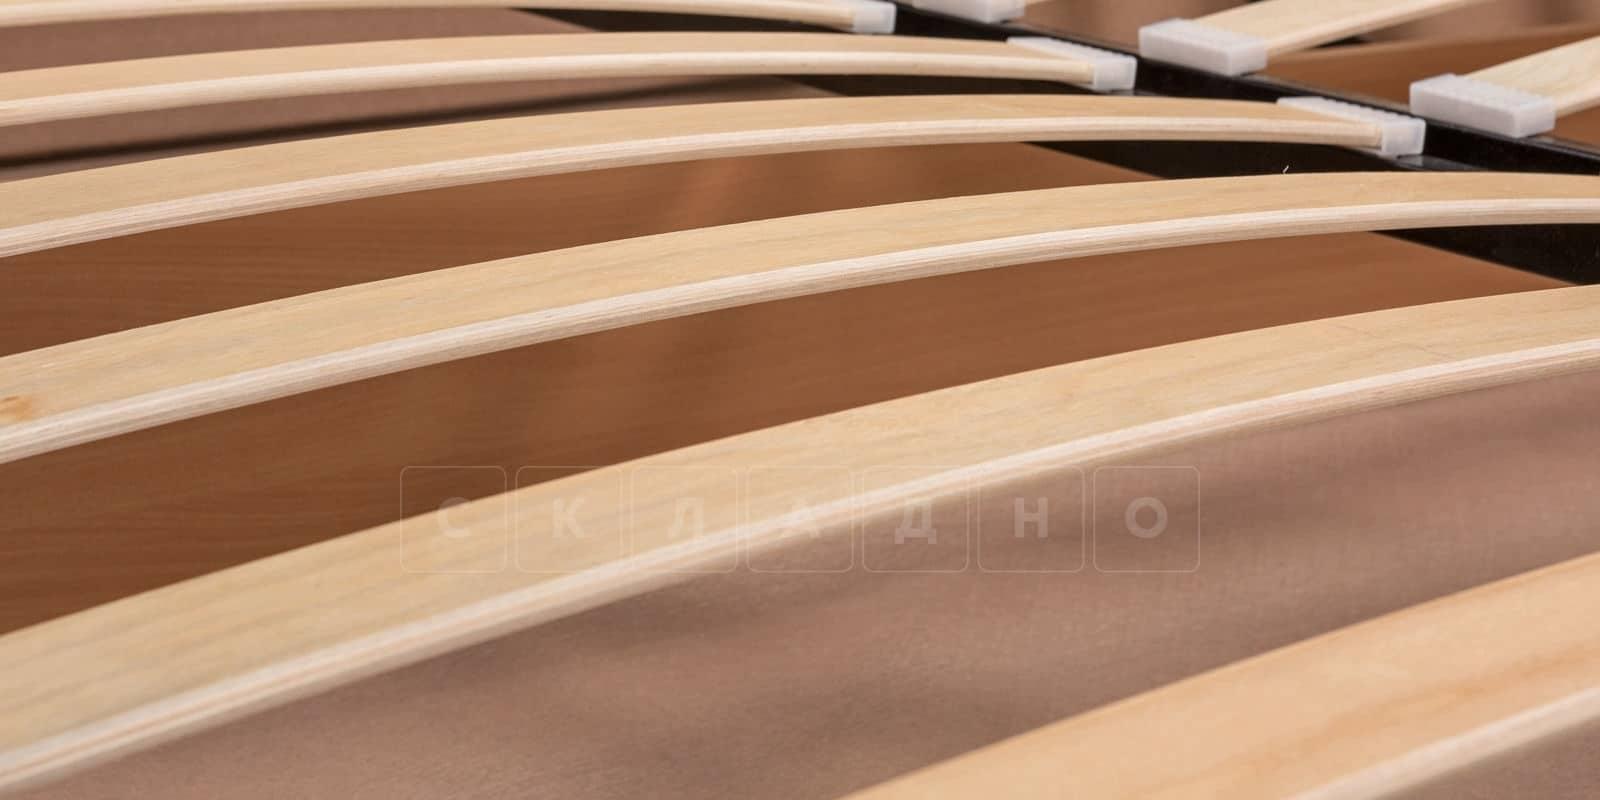 Мягкая кровать Афина 180см молочного цвета экокожа фото 7 | интернет-магазин Складно